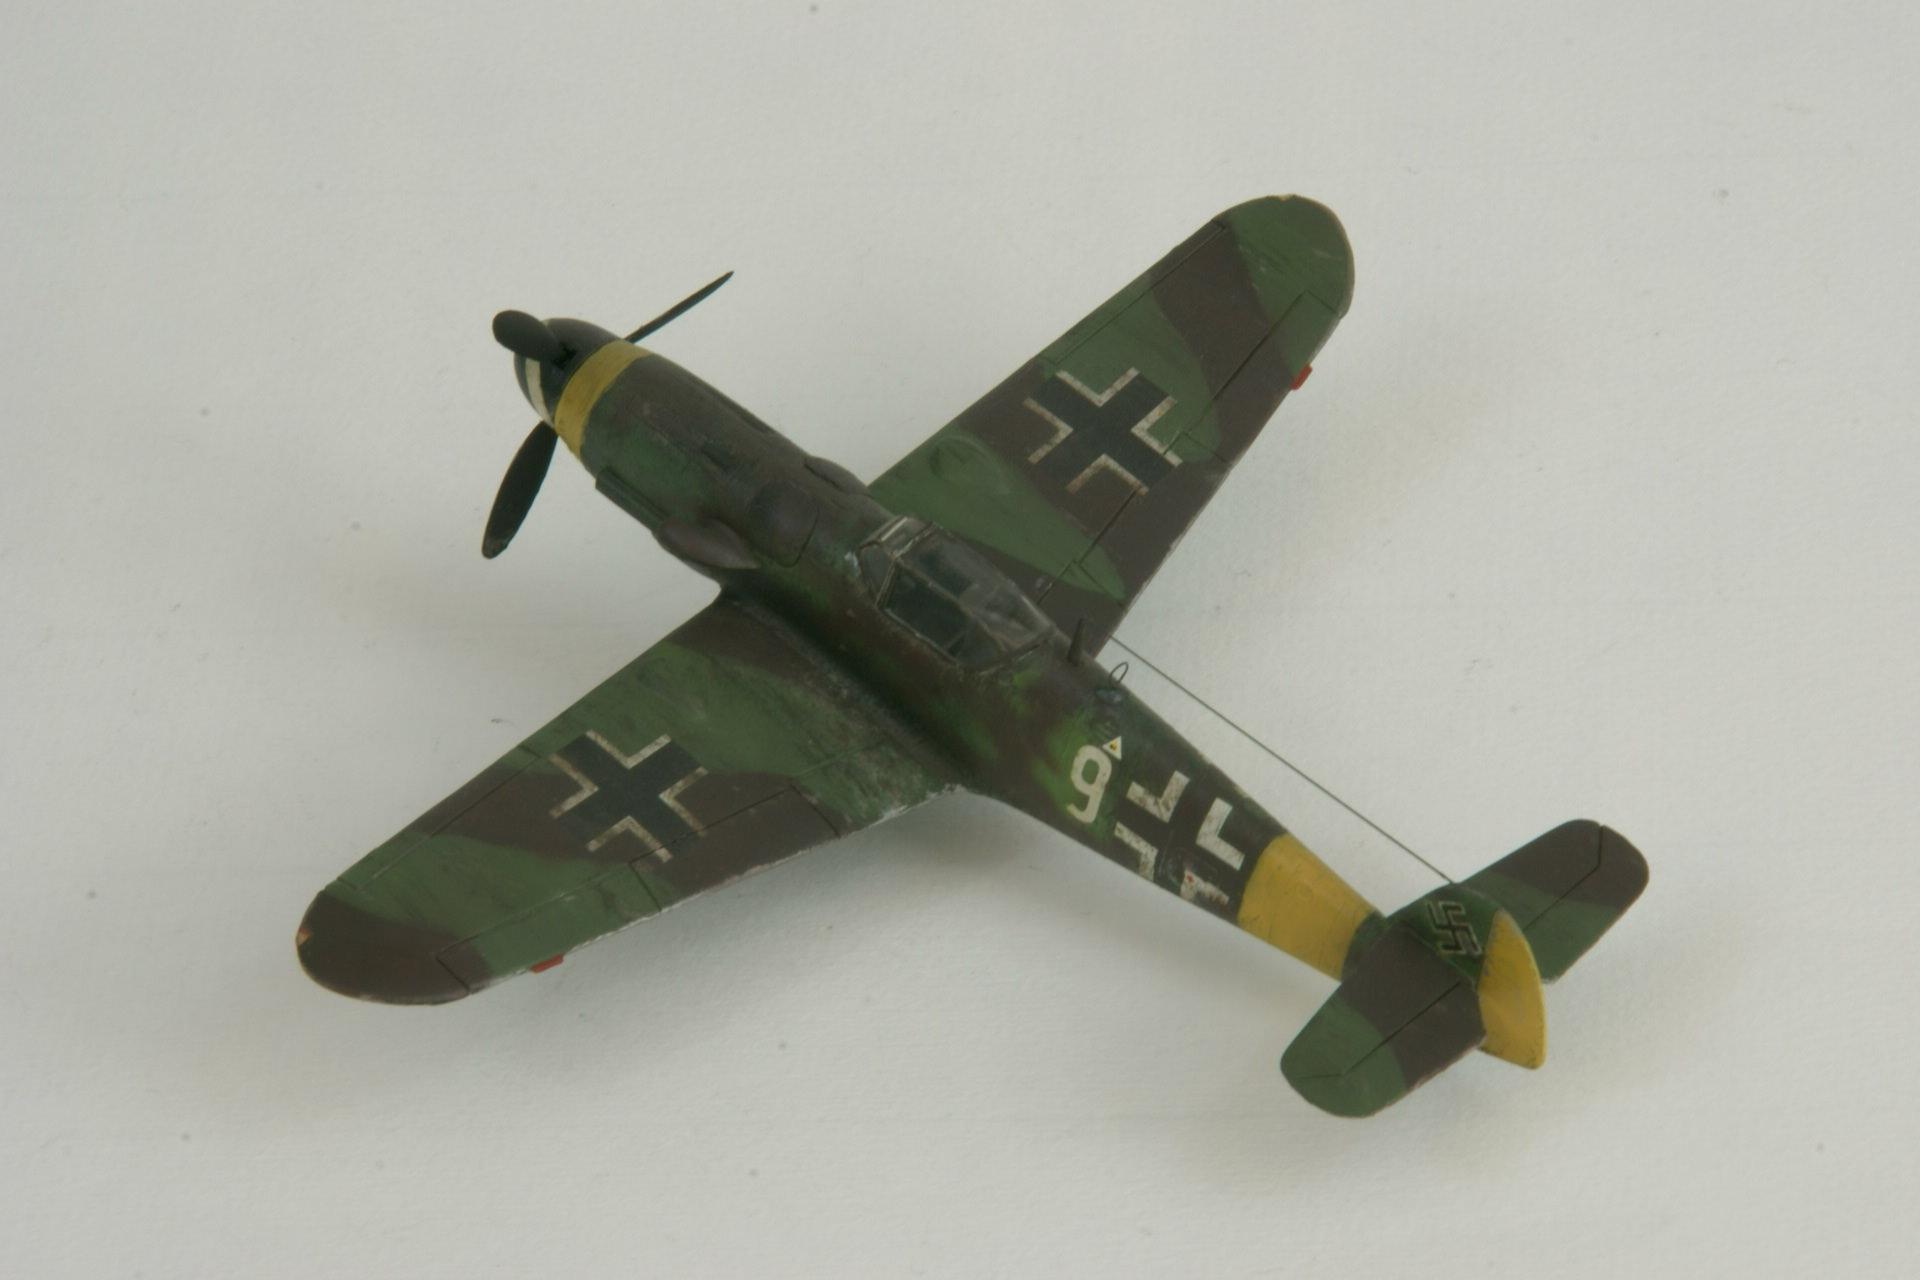 Messerschmitt 109g 14 as 2